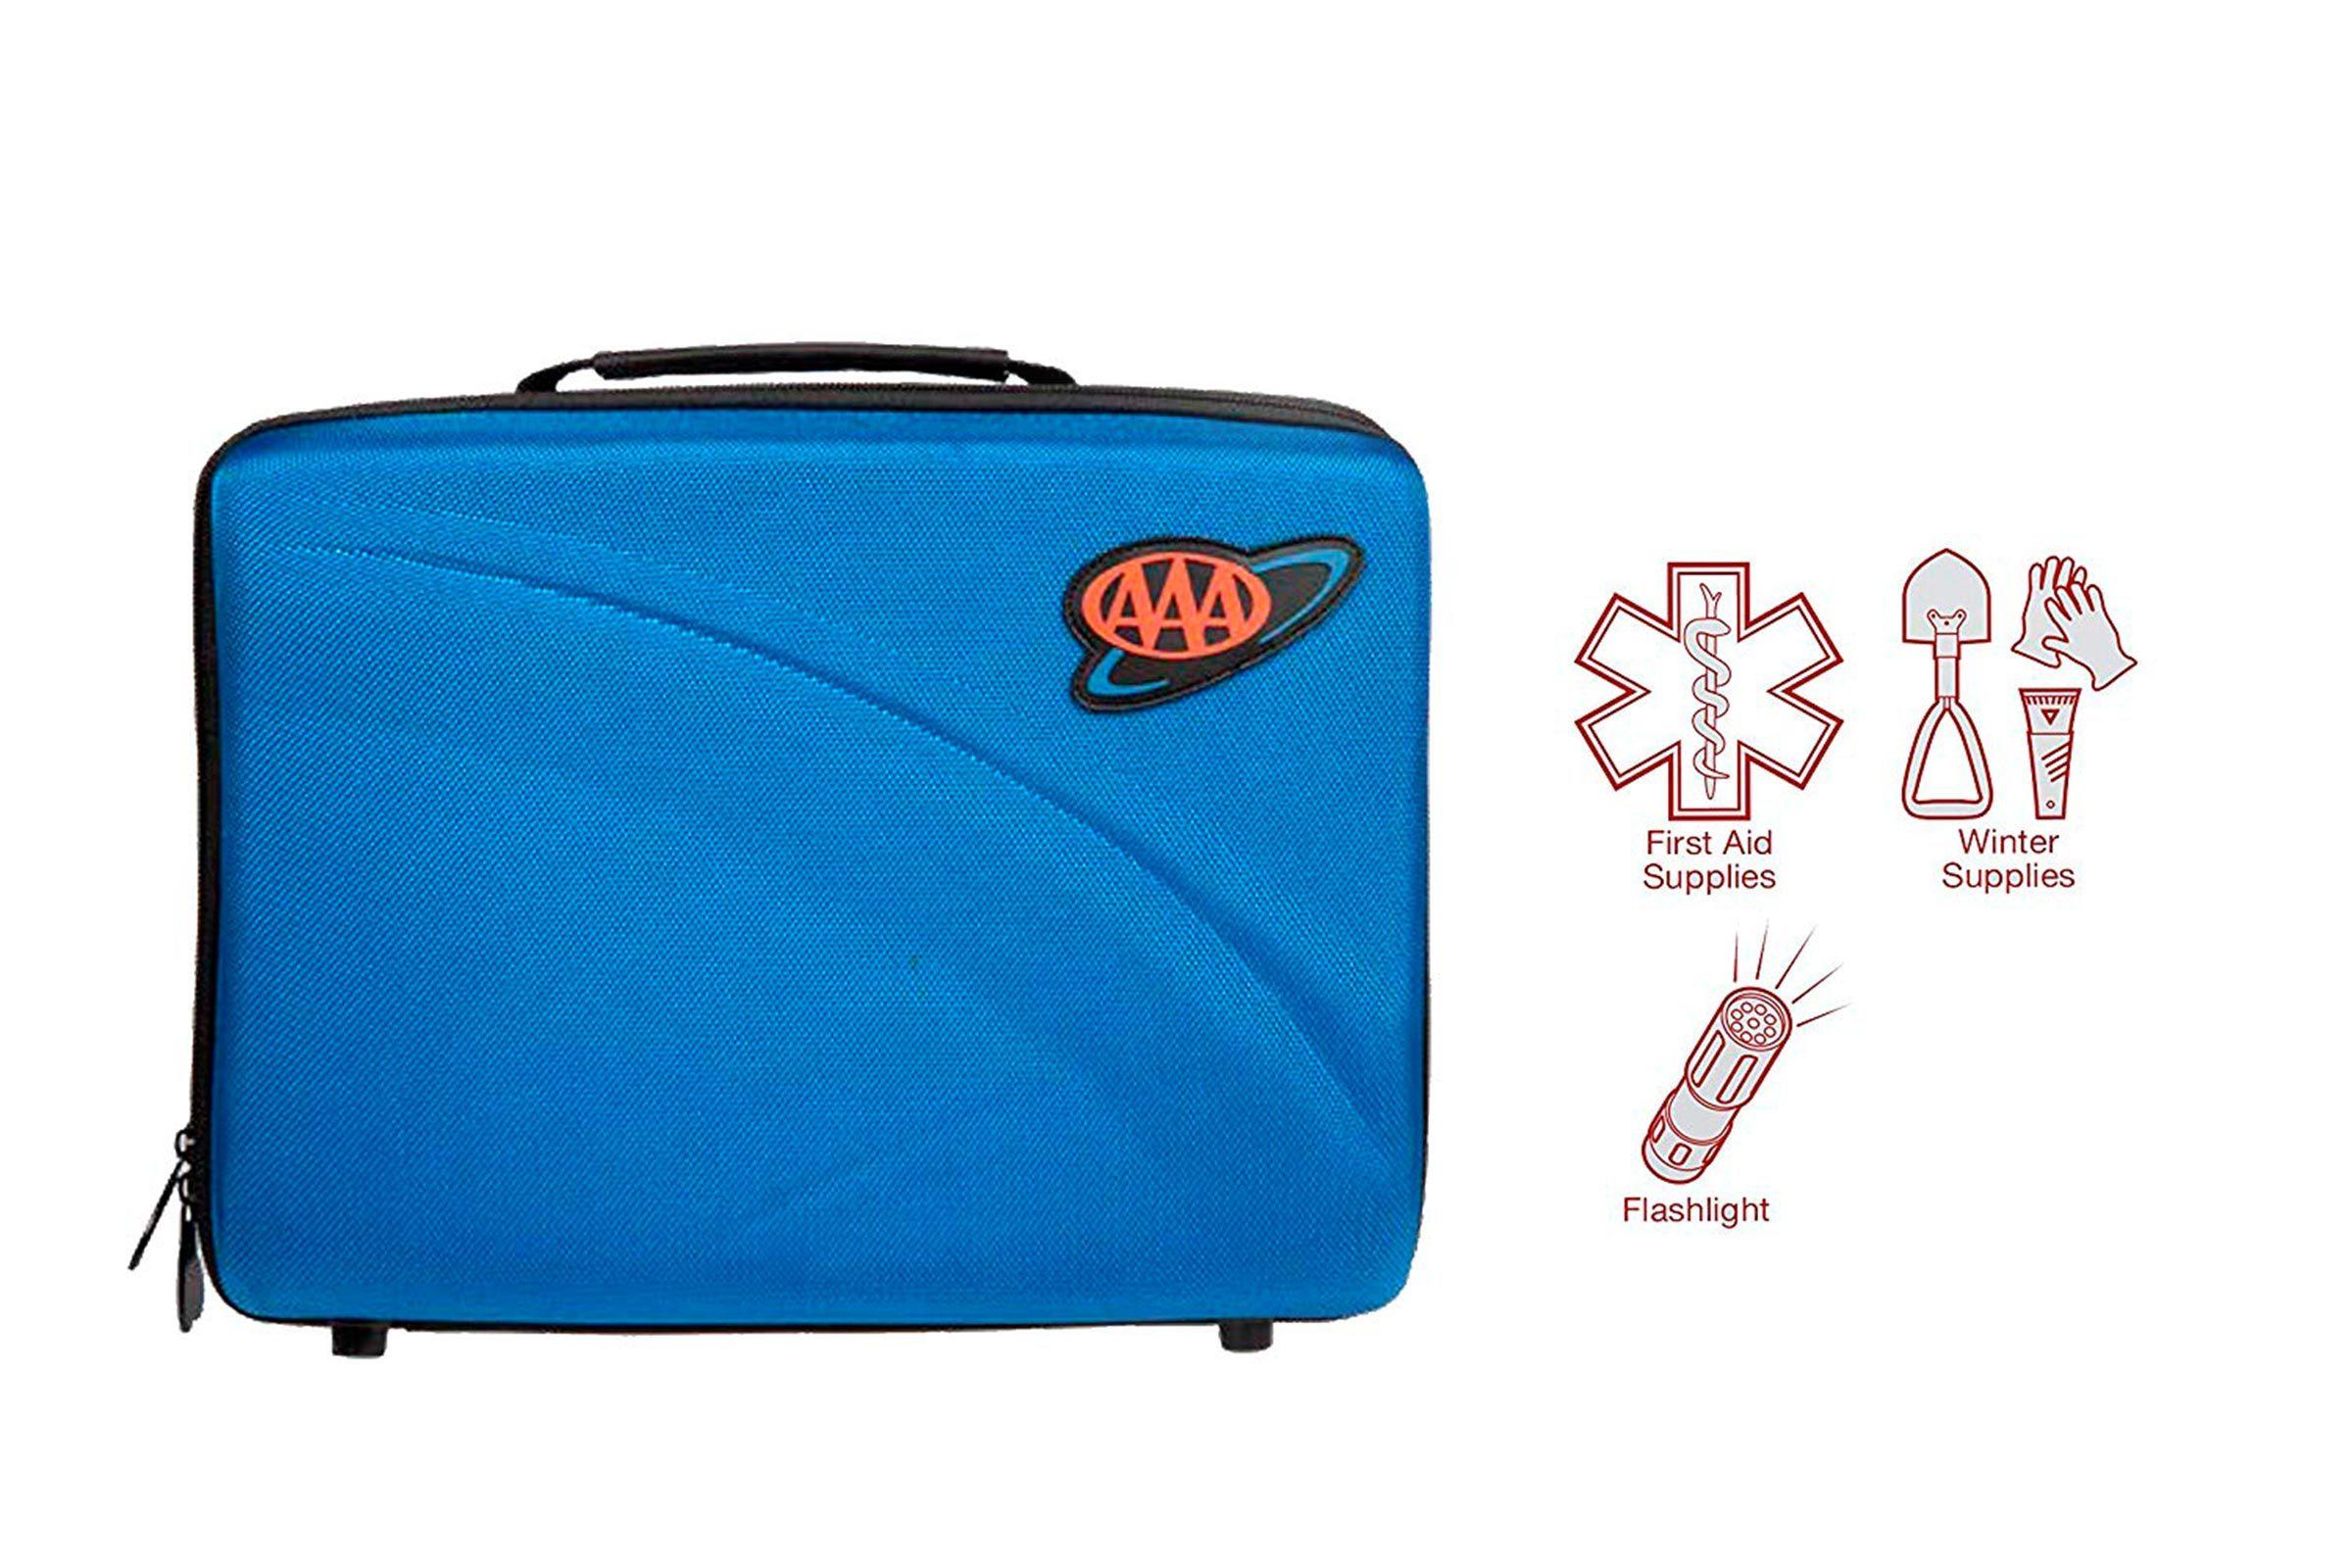 AAA safety kit